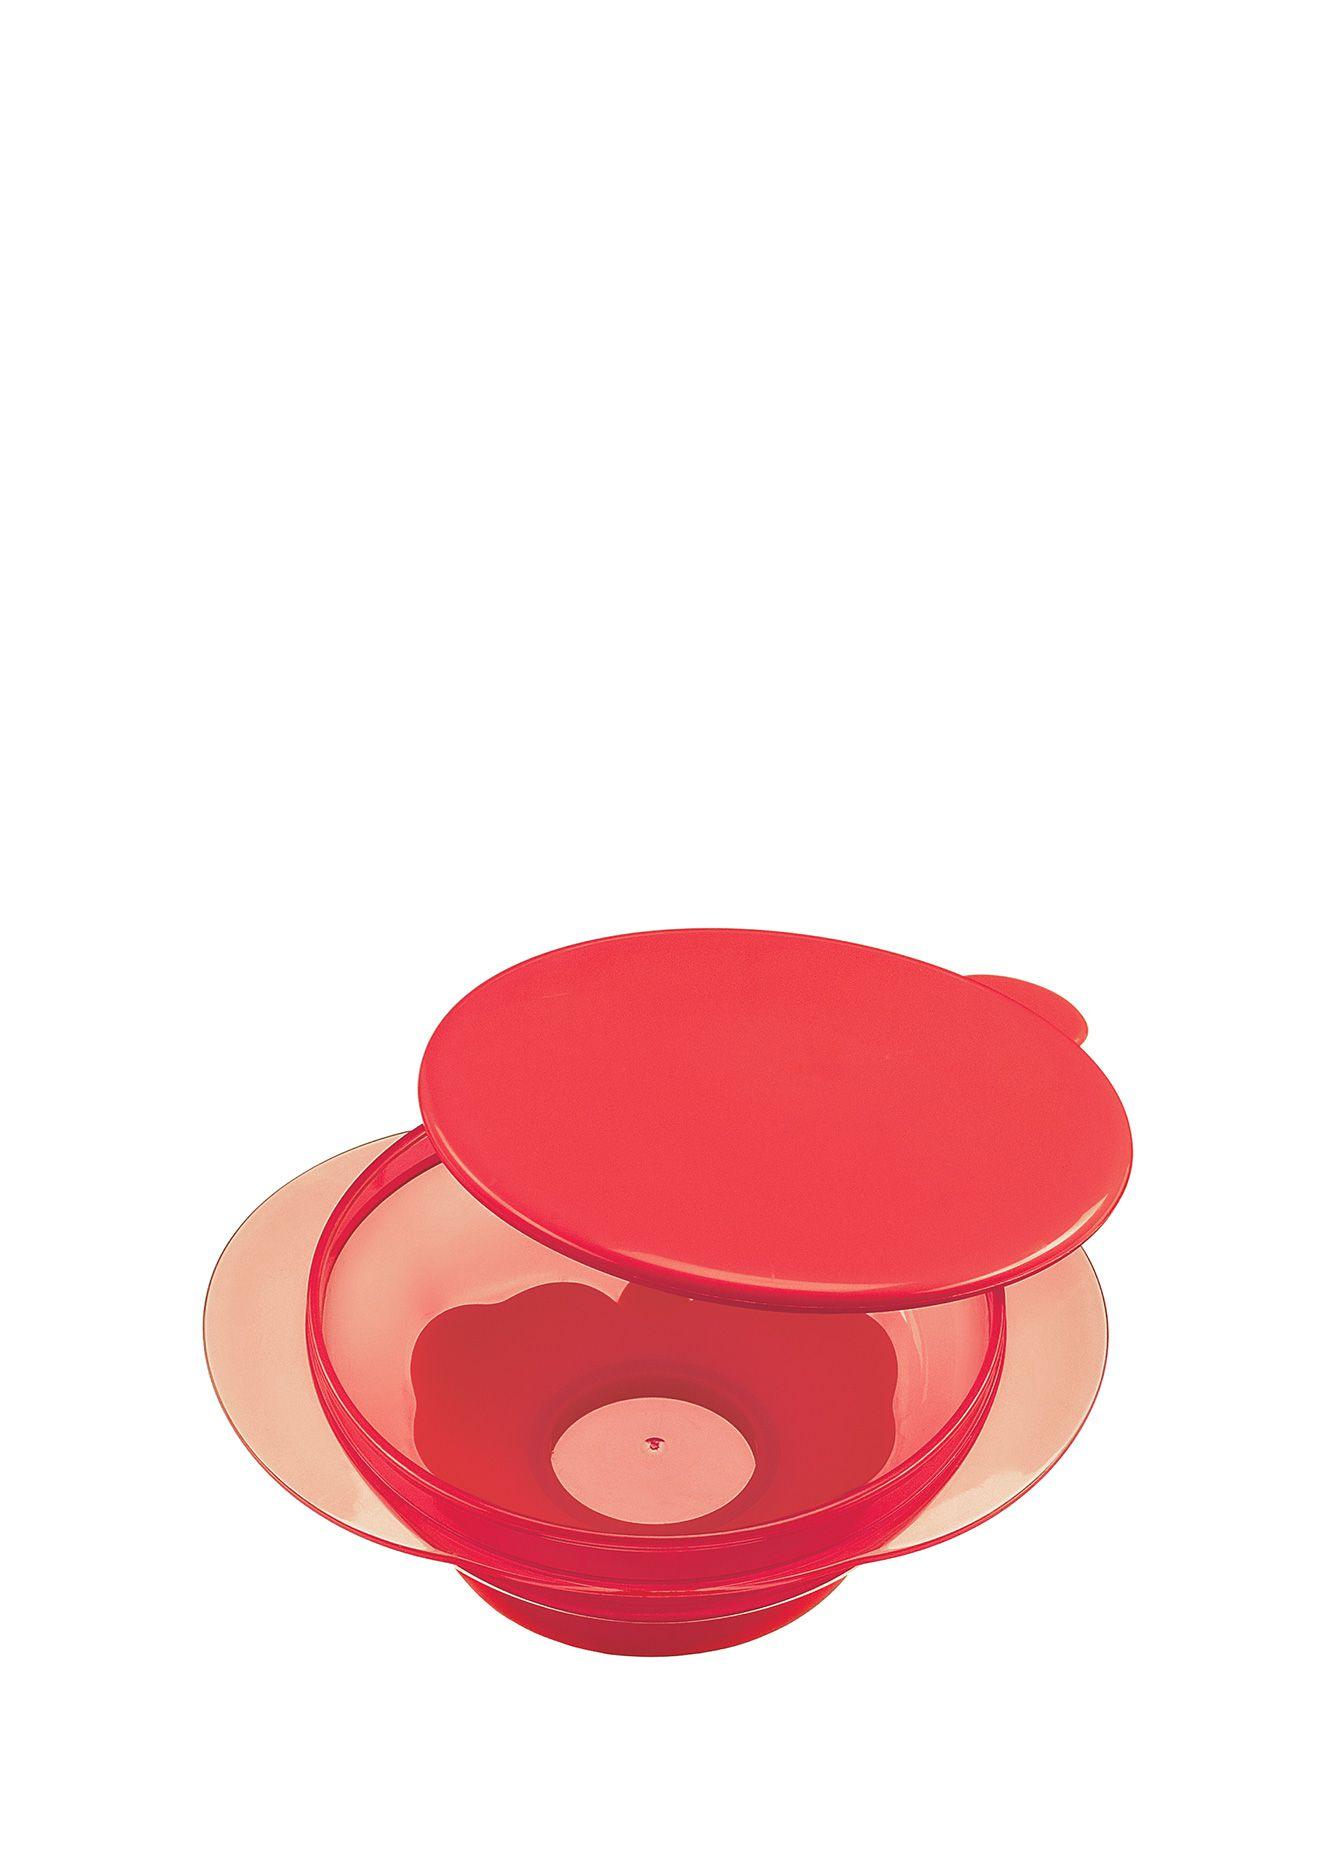 Тарелка на присоске с крышкой посуда сказка тарелка с крышкой на присоске